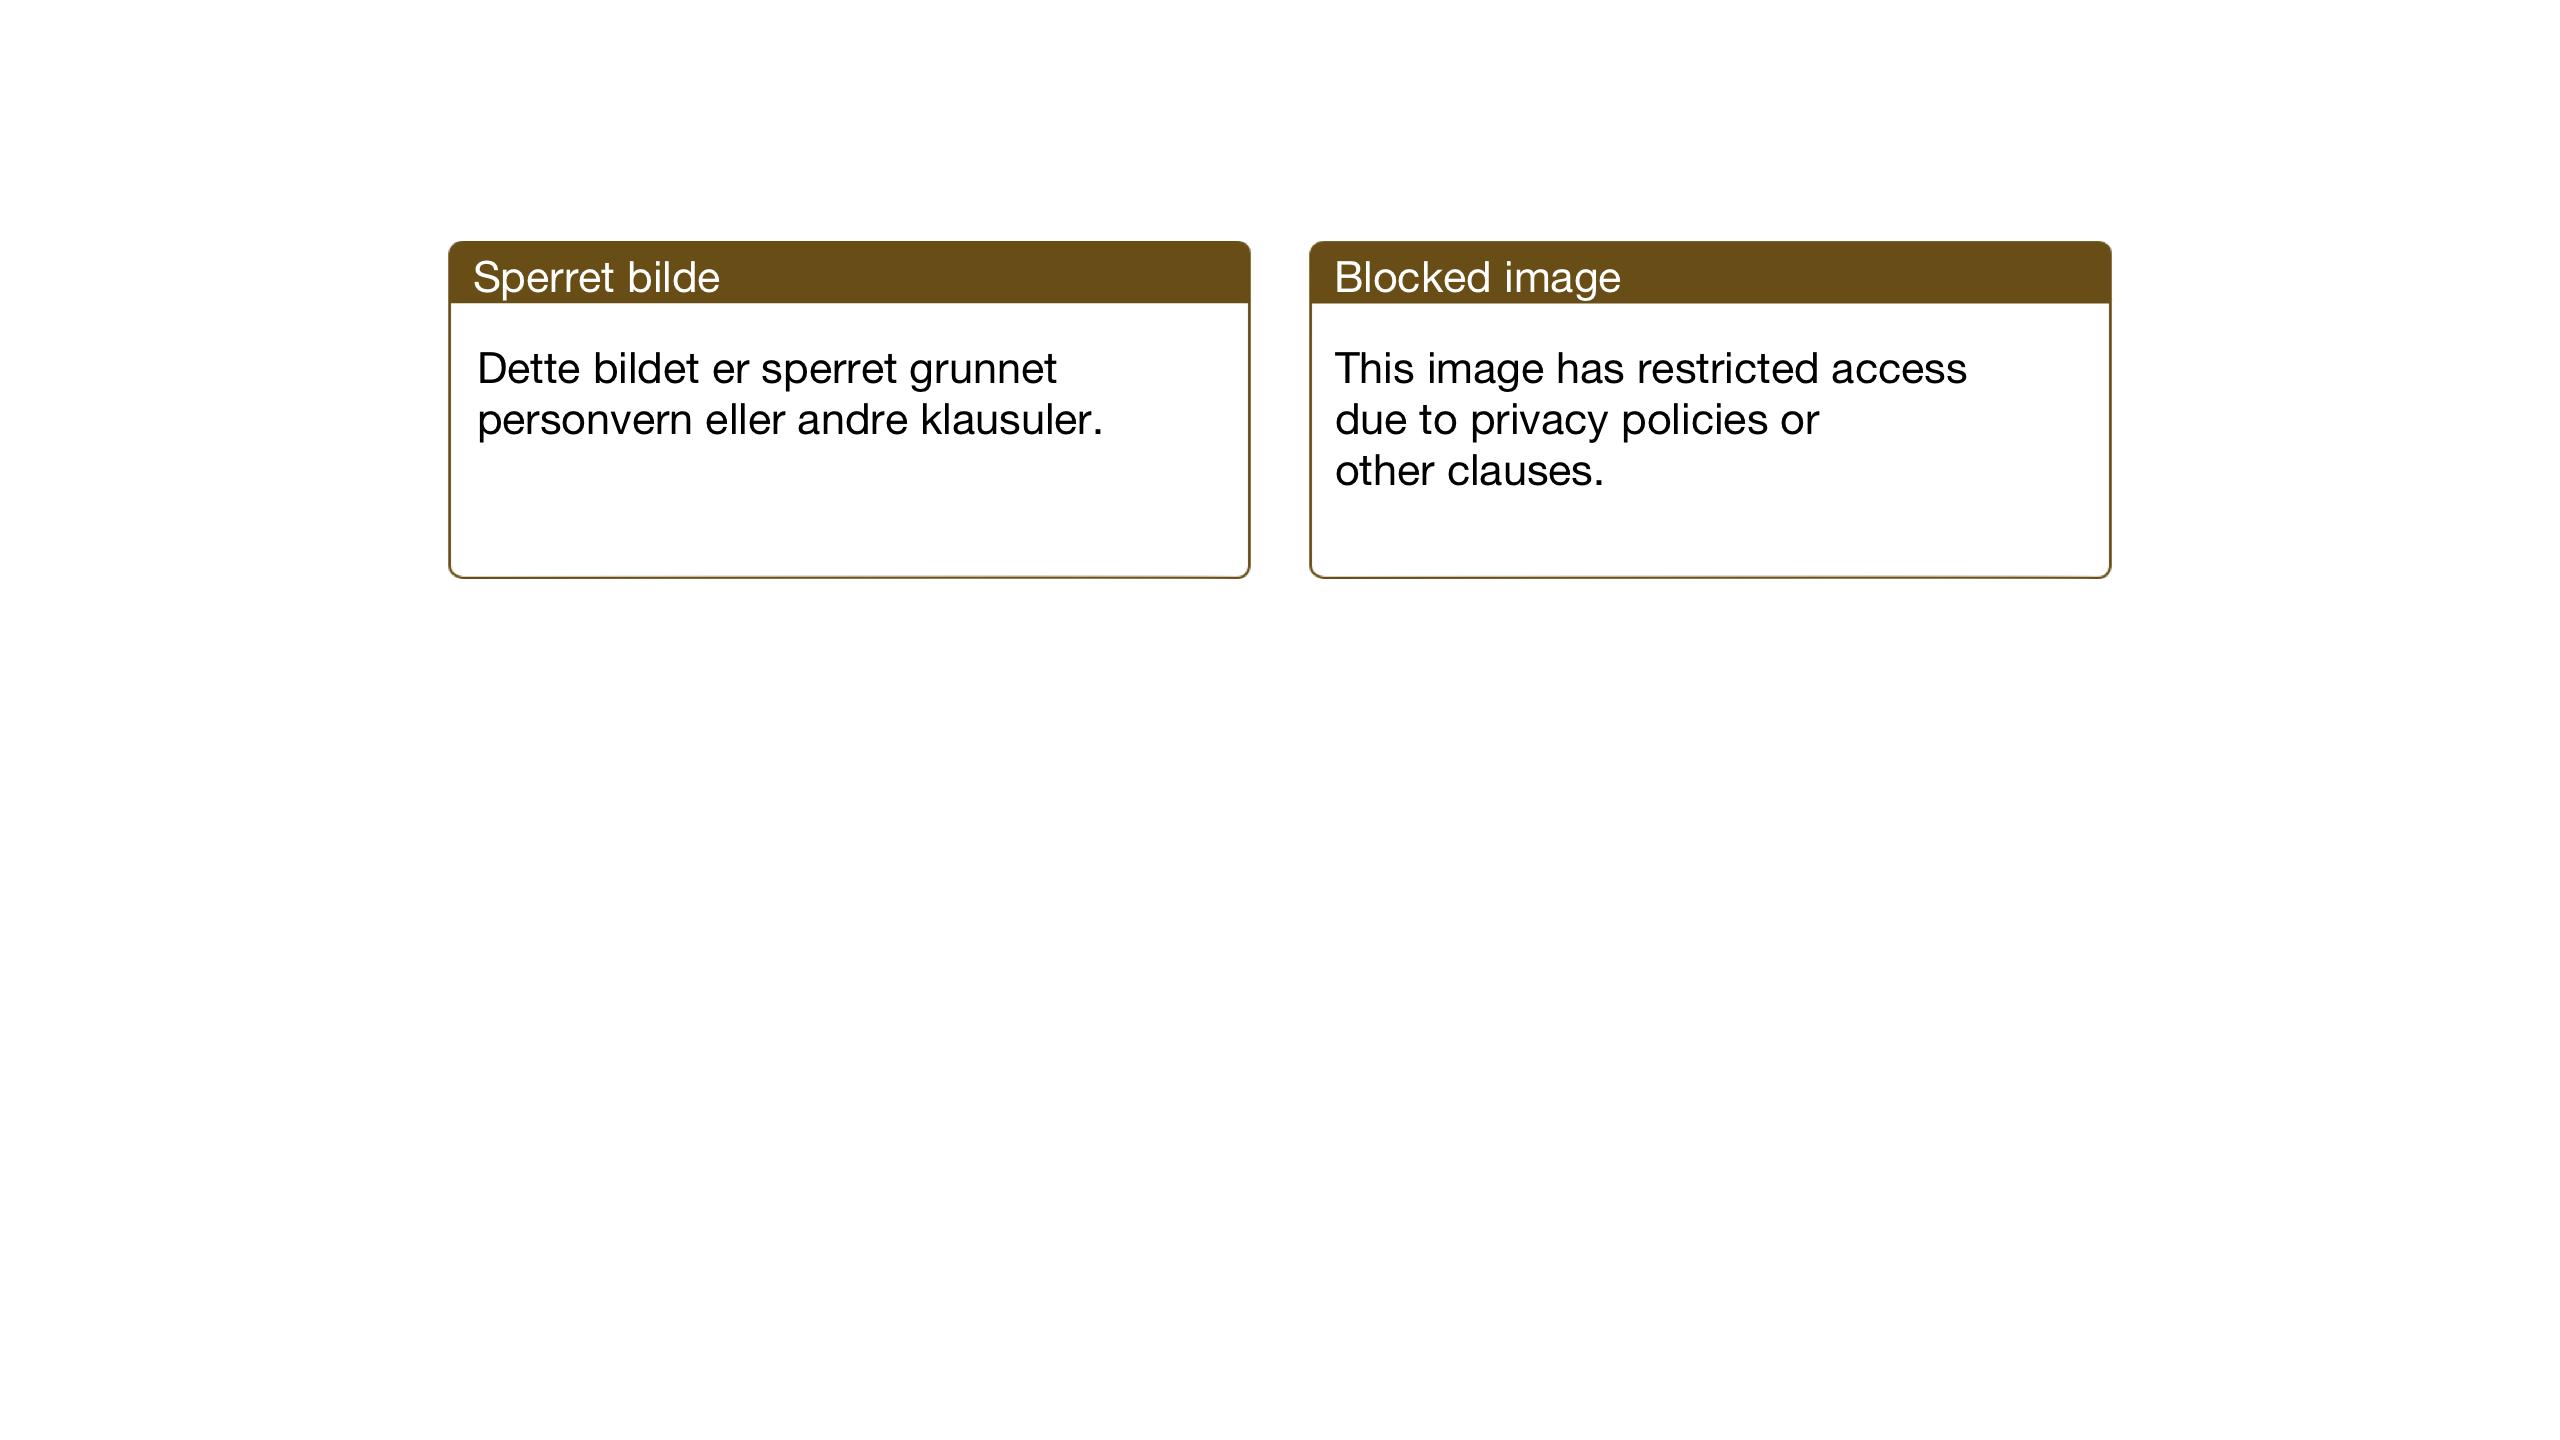 SAT, Ministerialprotokoller, klokkerbøker og fødselsregistre - Sør-Trøndelag, 696/L1161: Klokkerbok nr. 696C01, 1902-1950, s. 89